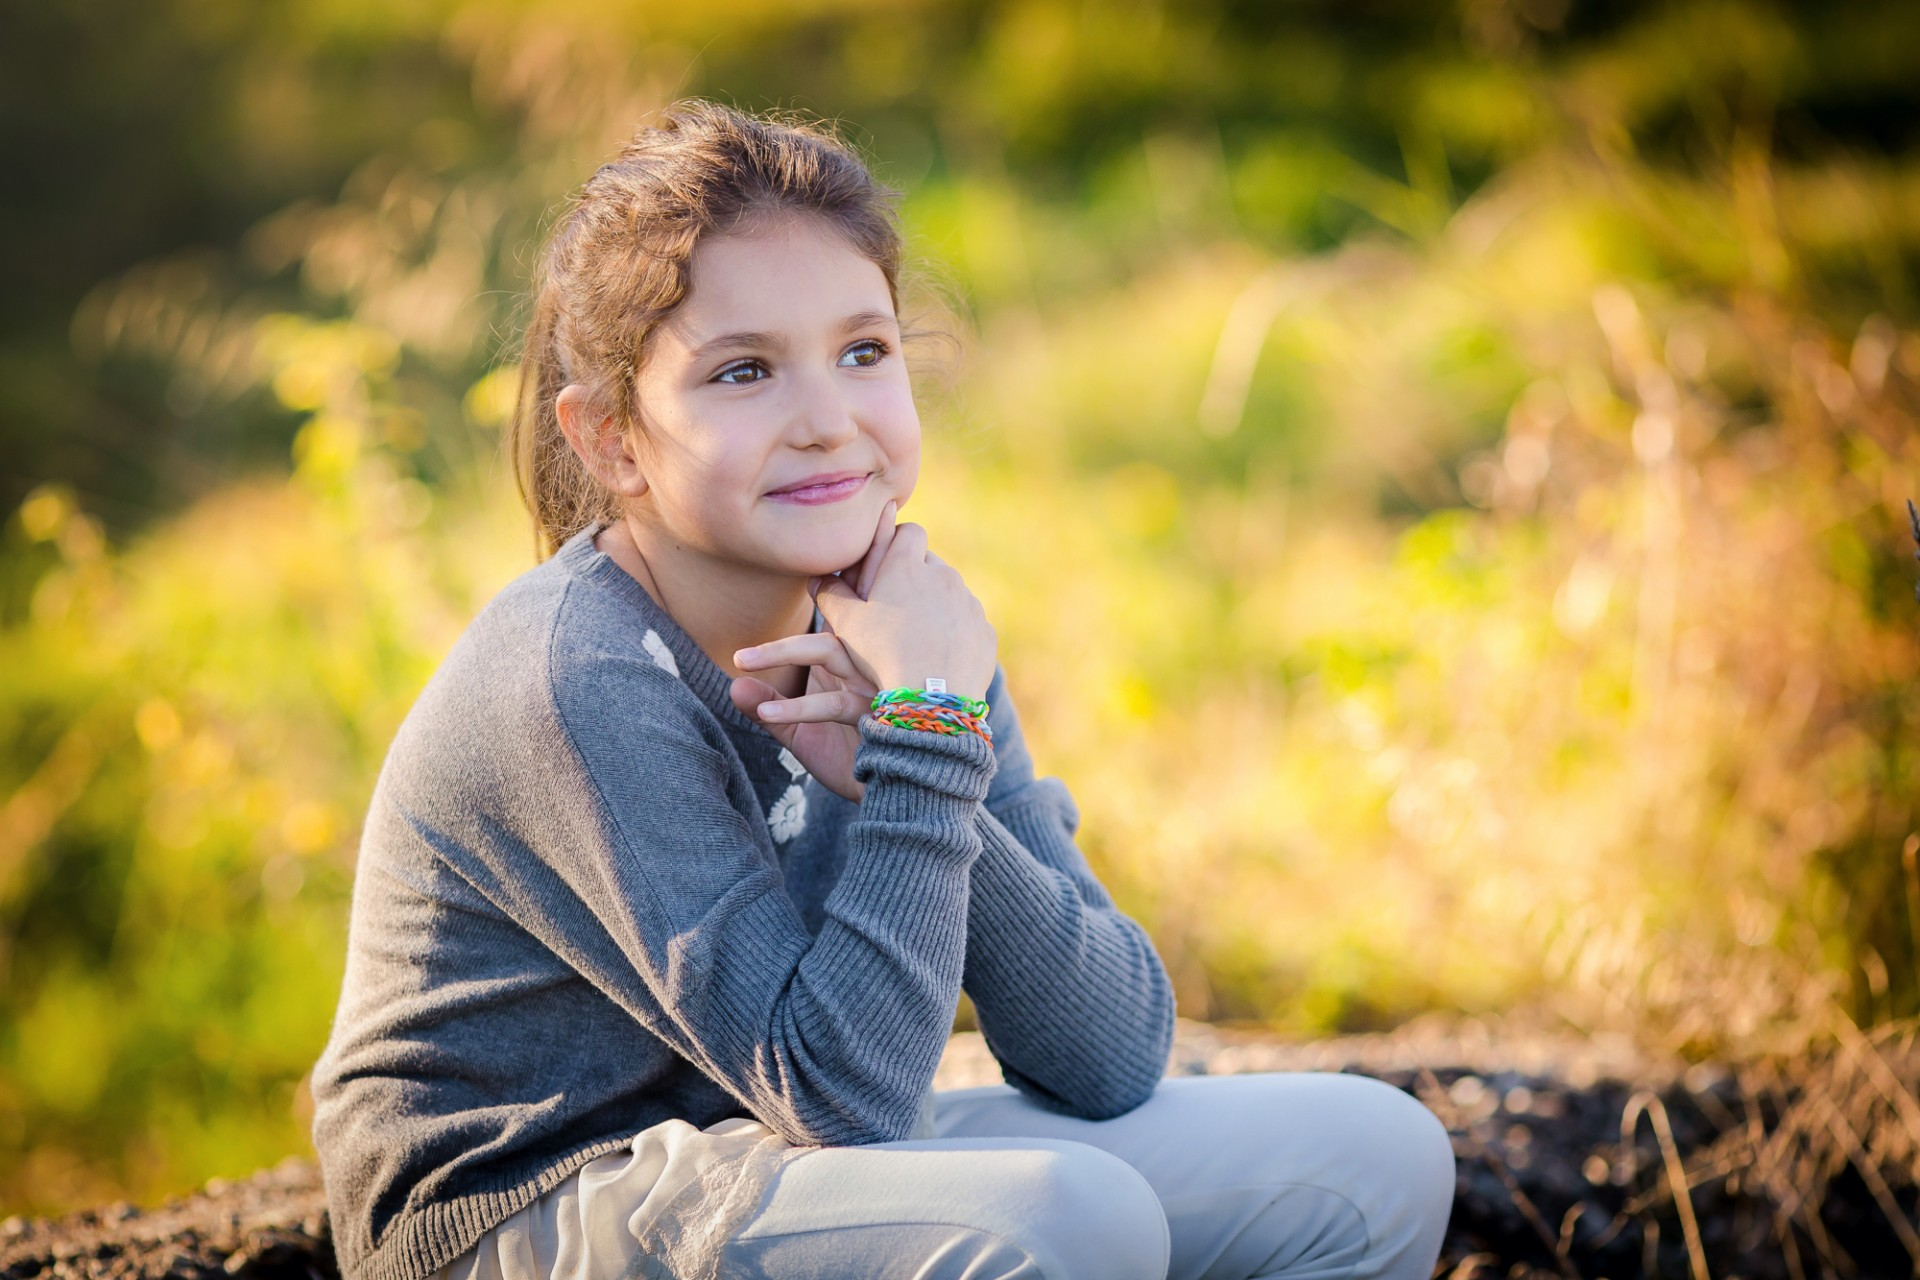 #детска фотография (24)